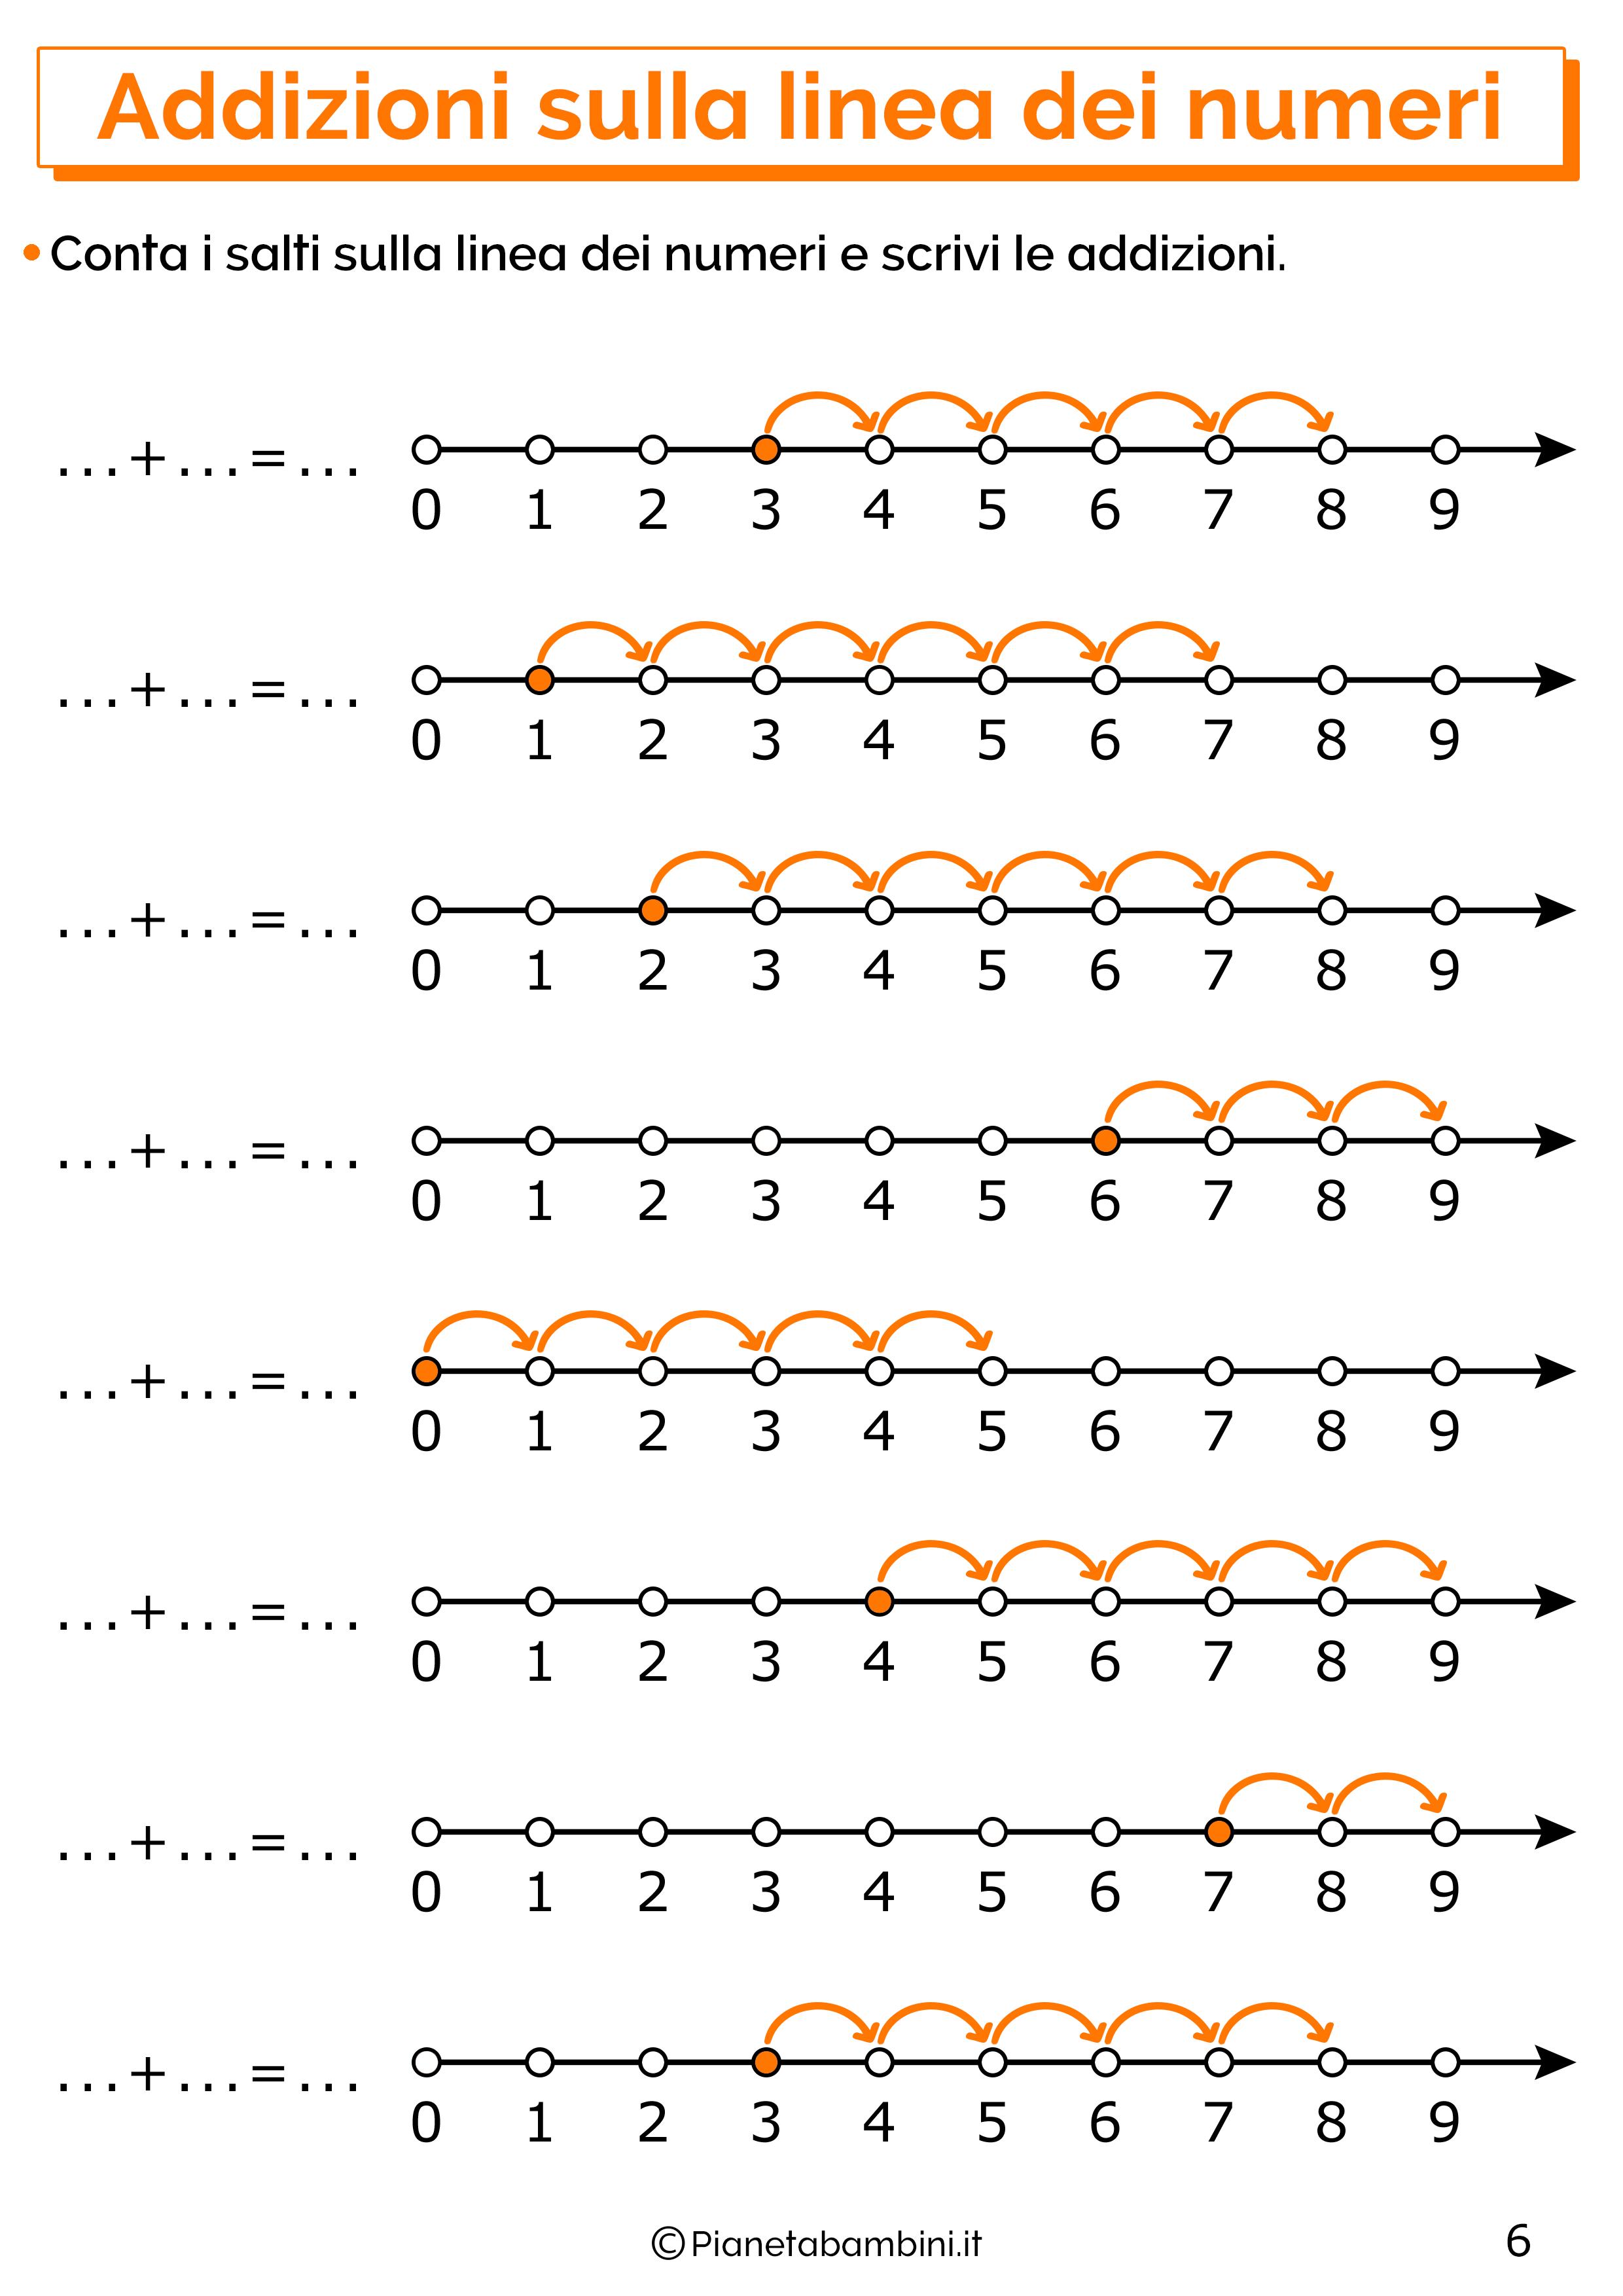 Esercizi con addizioni sulla linea dei numeri 06